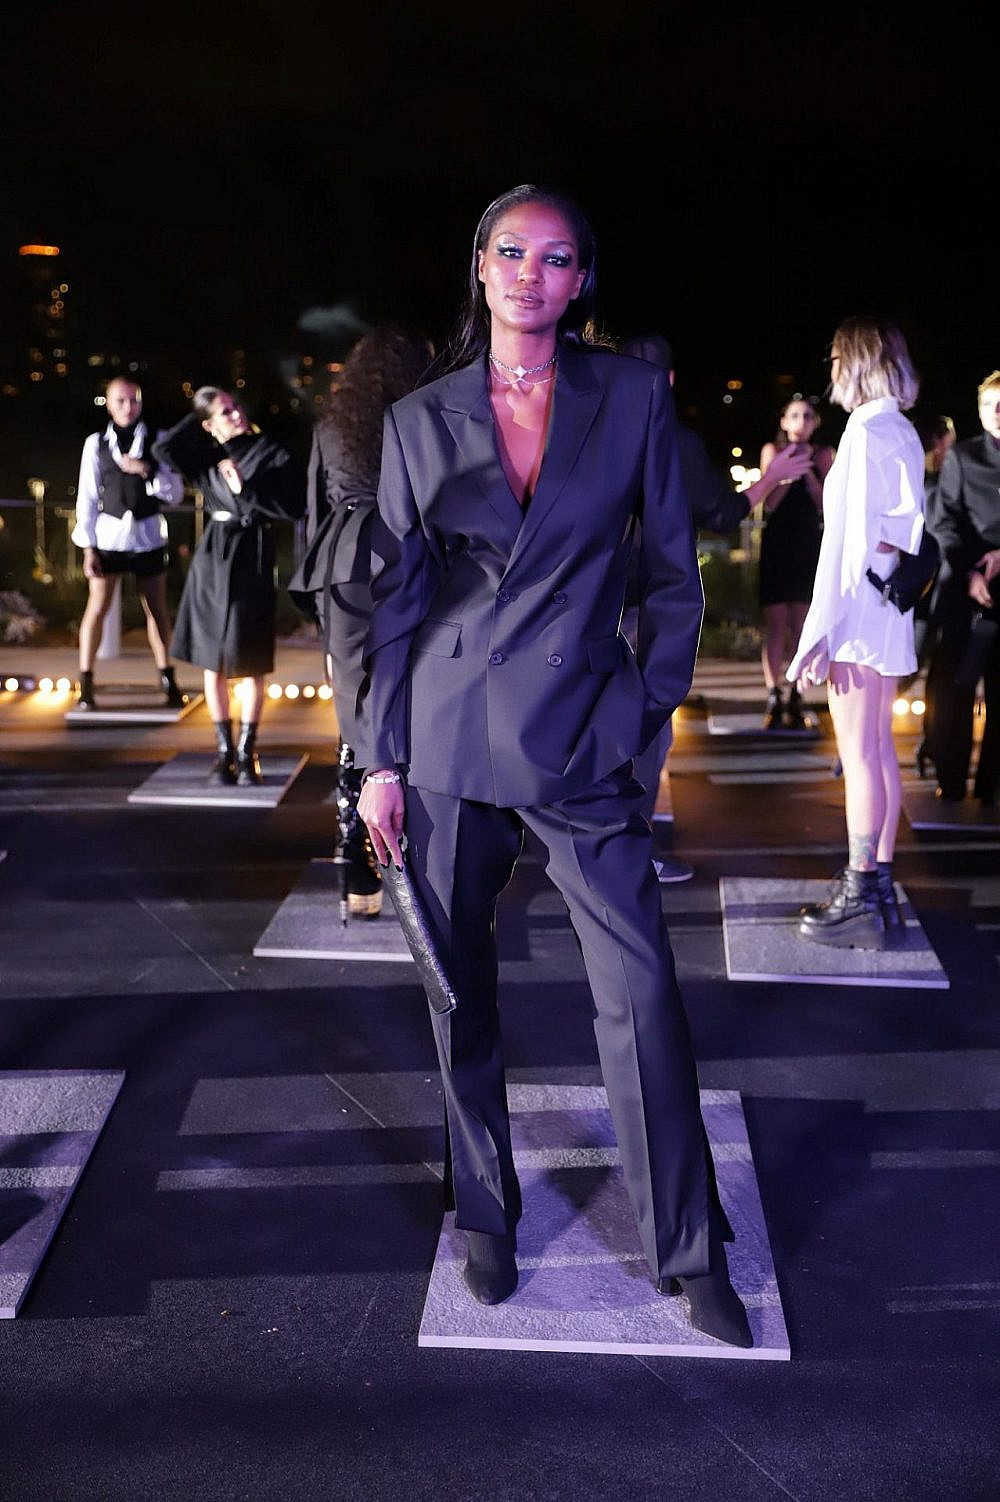 התצוגה של הילי ארי בשבוע האופנה תל אביב קורנית 2021 | צילום: אבי ולדמן